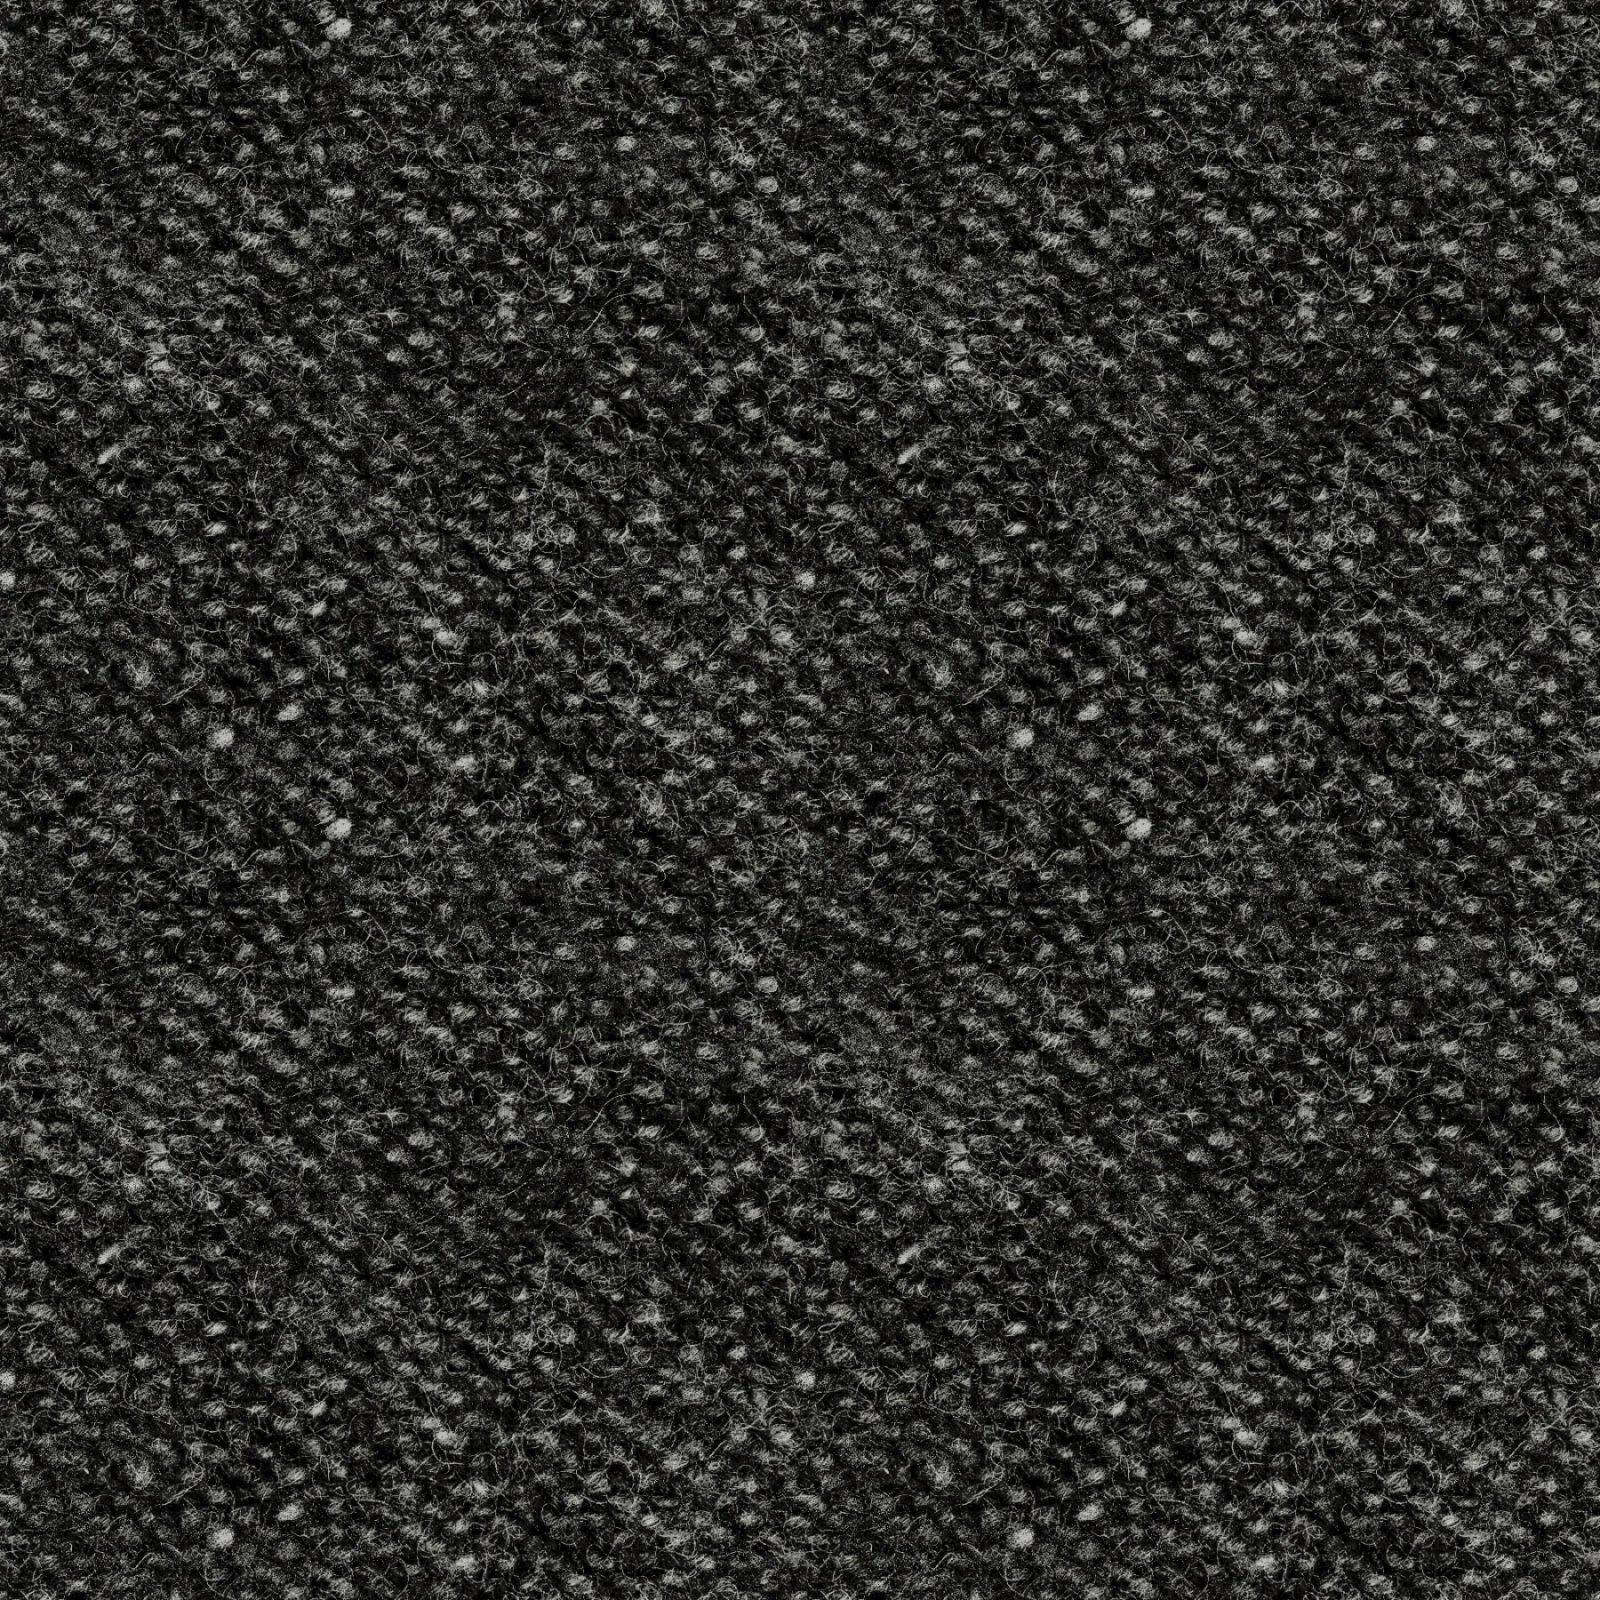 Woolies Flannel Nubby Tweed Black (MASF18507-JK)